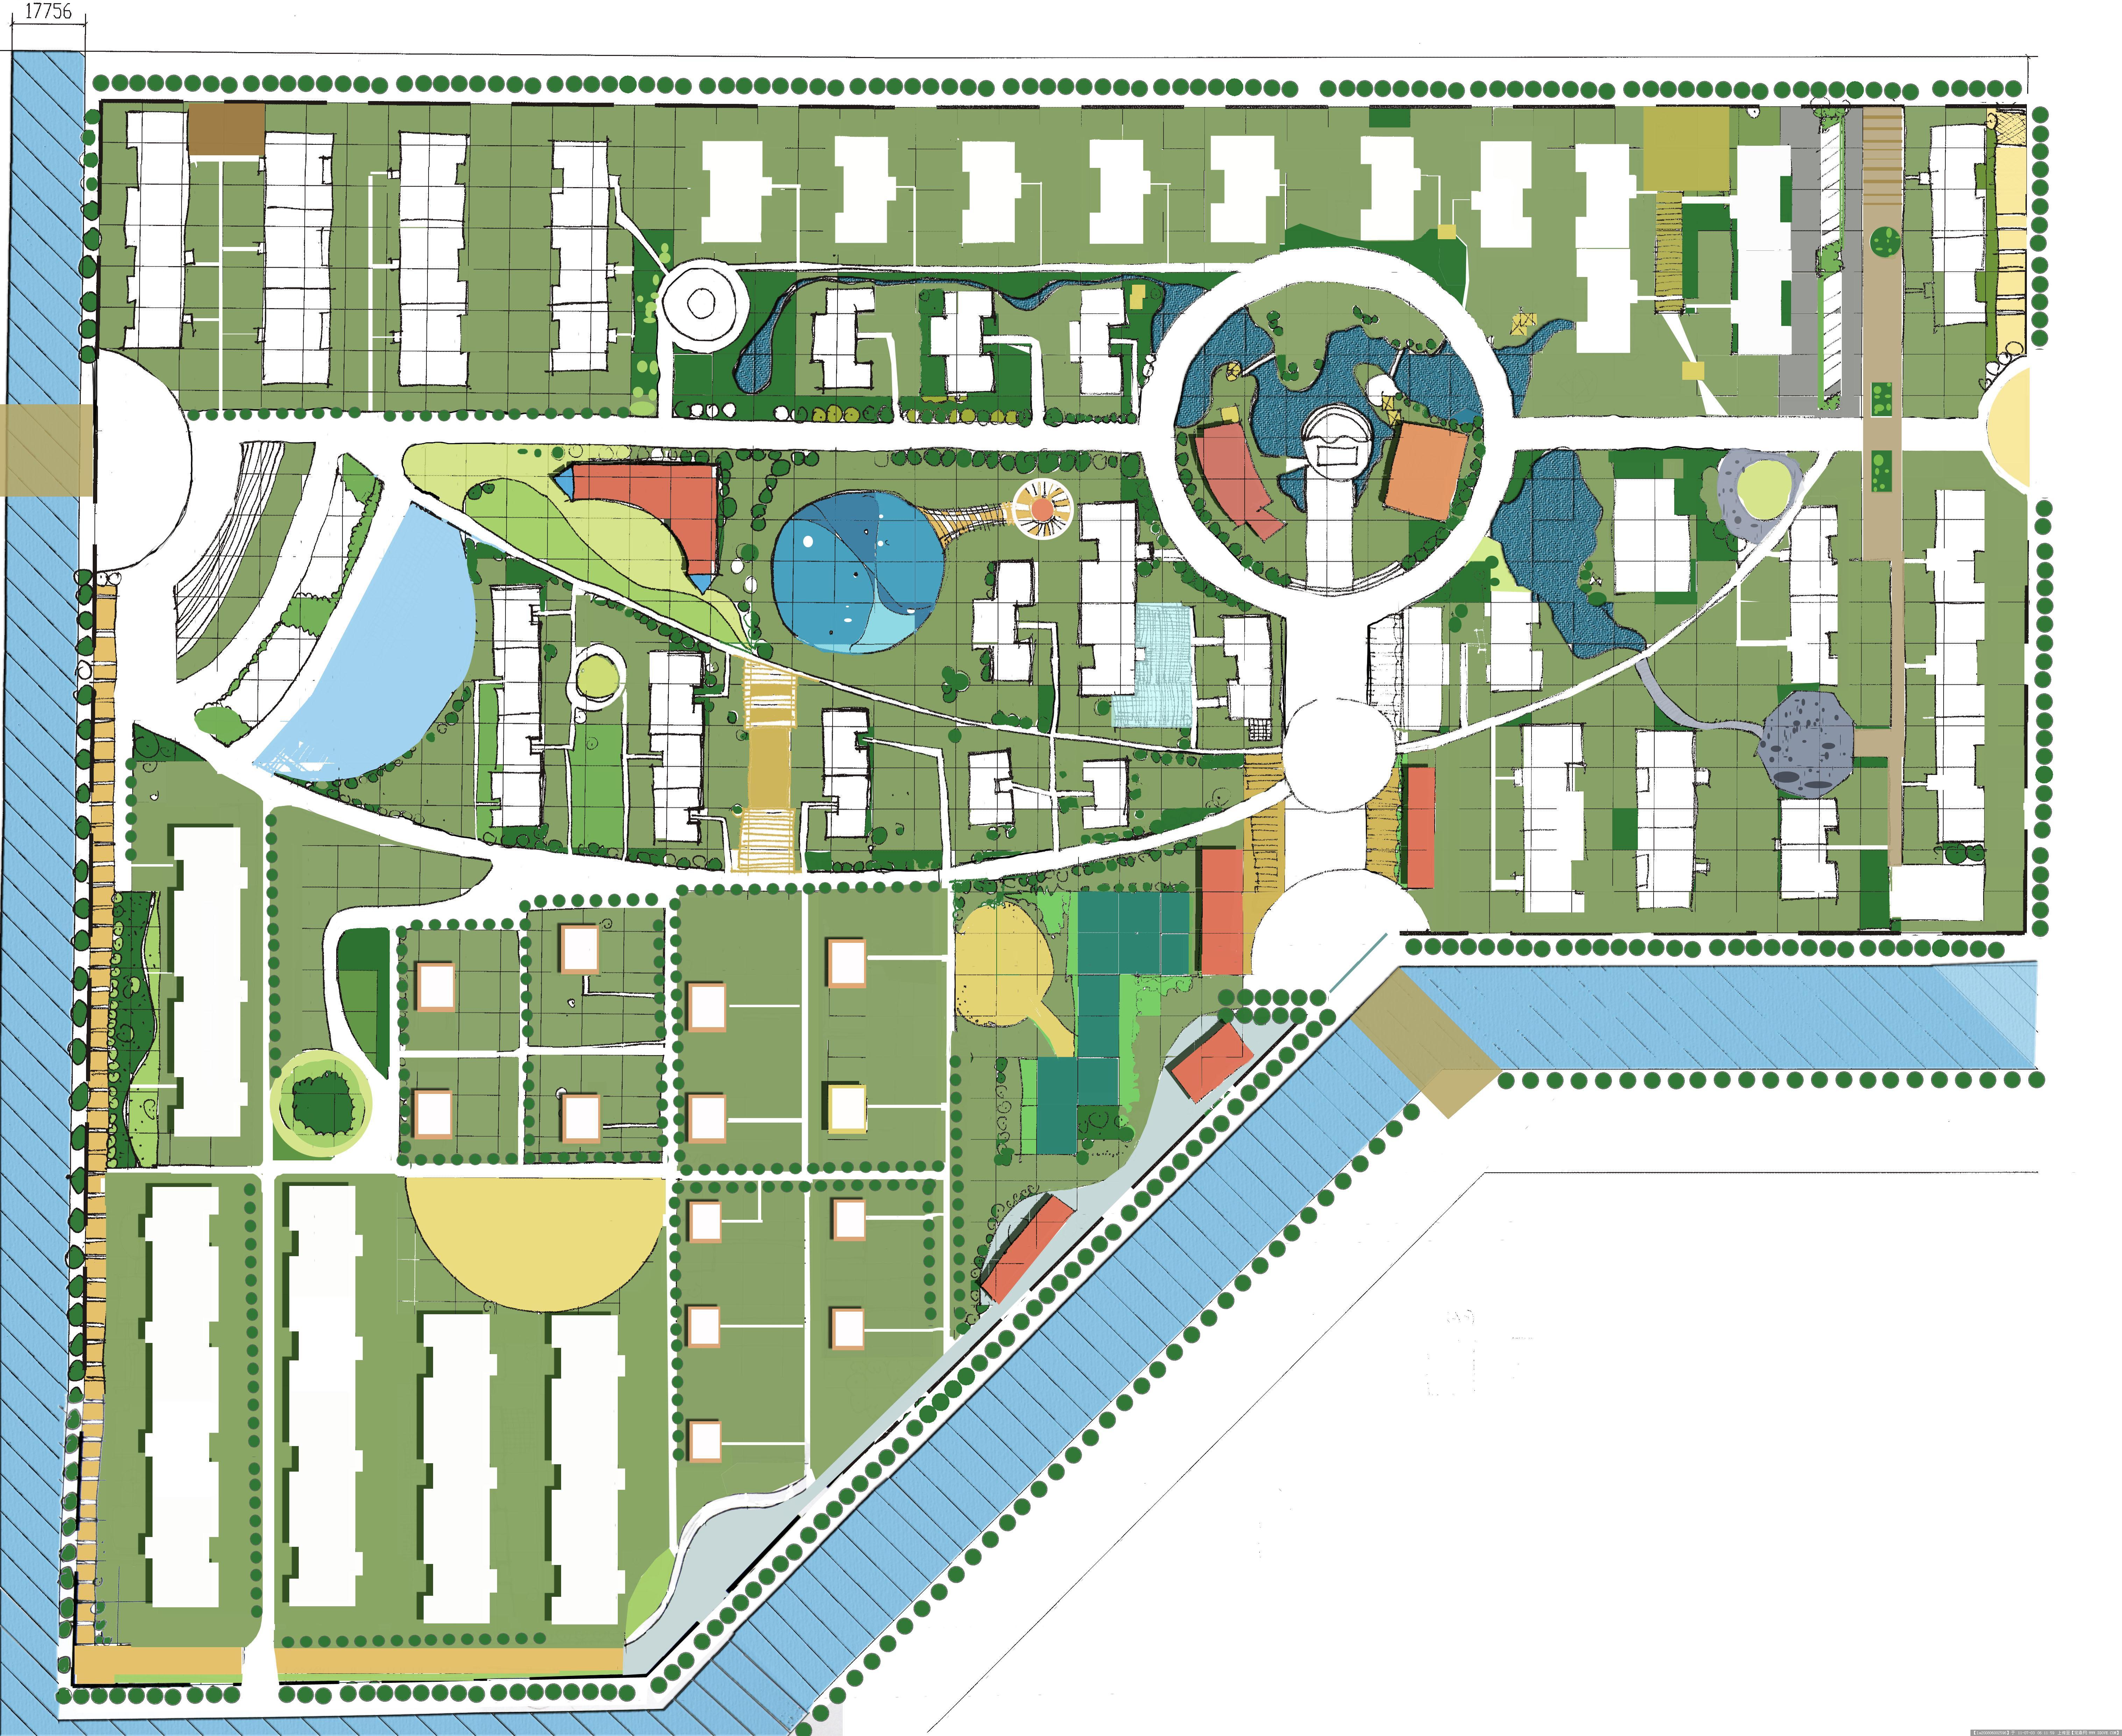 小区 平面效果图的图片浏览,园林效果图,居 区,园林景观设计